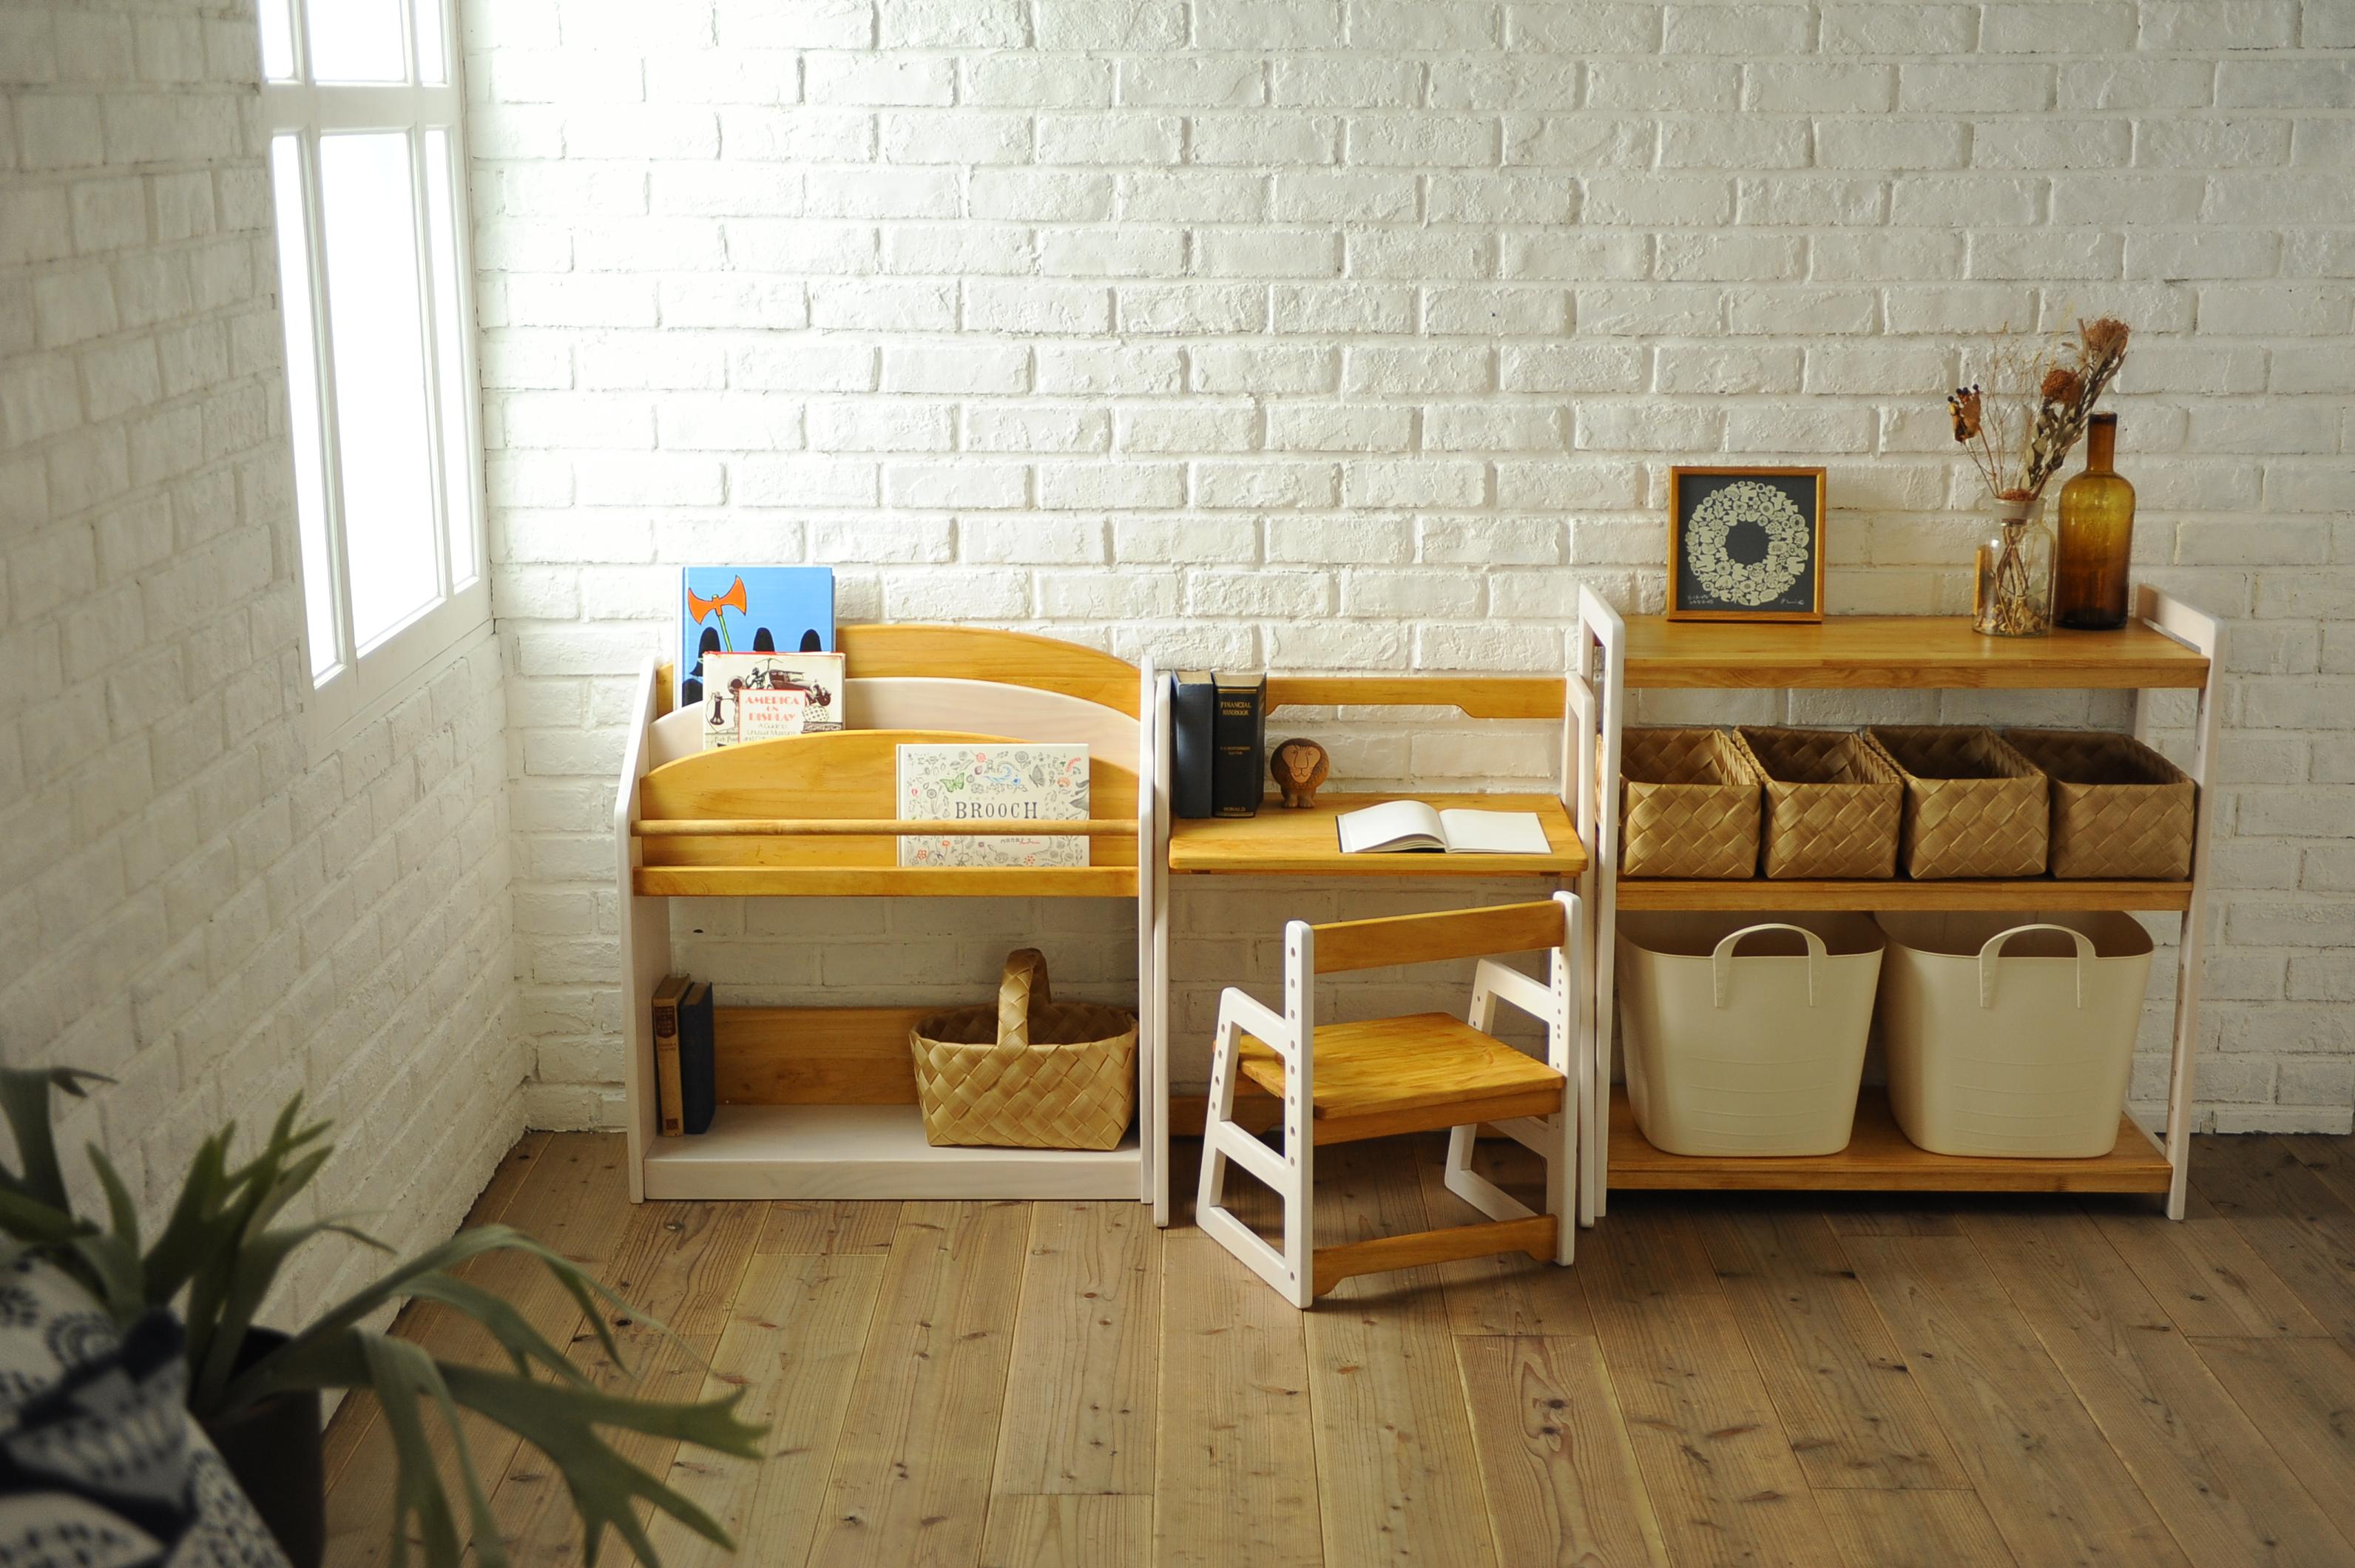 天然木のキッズ家具milkがリニューアルしました